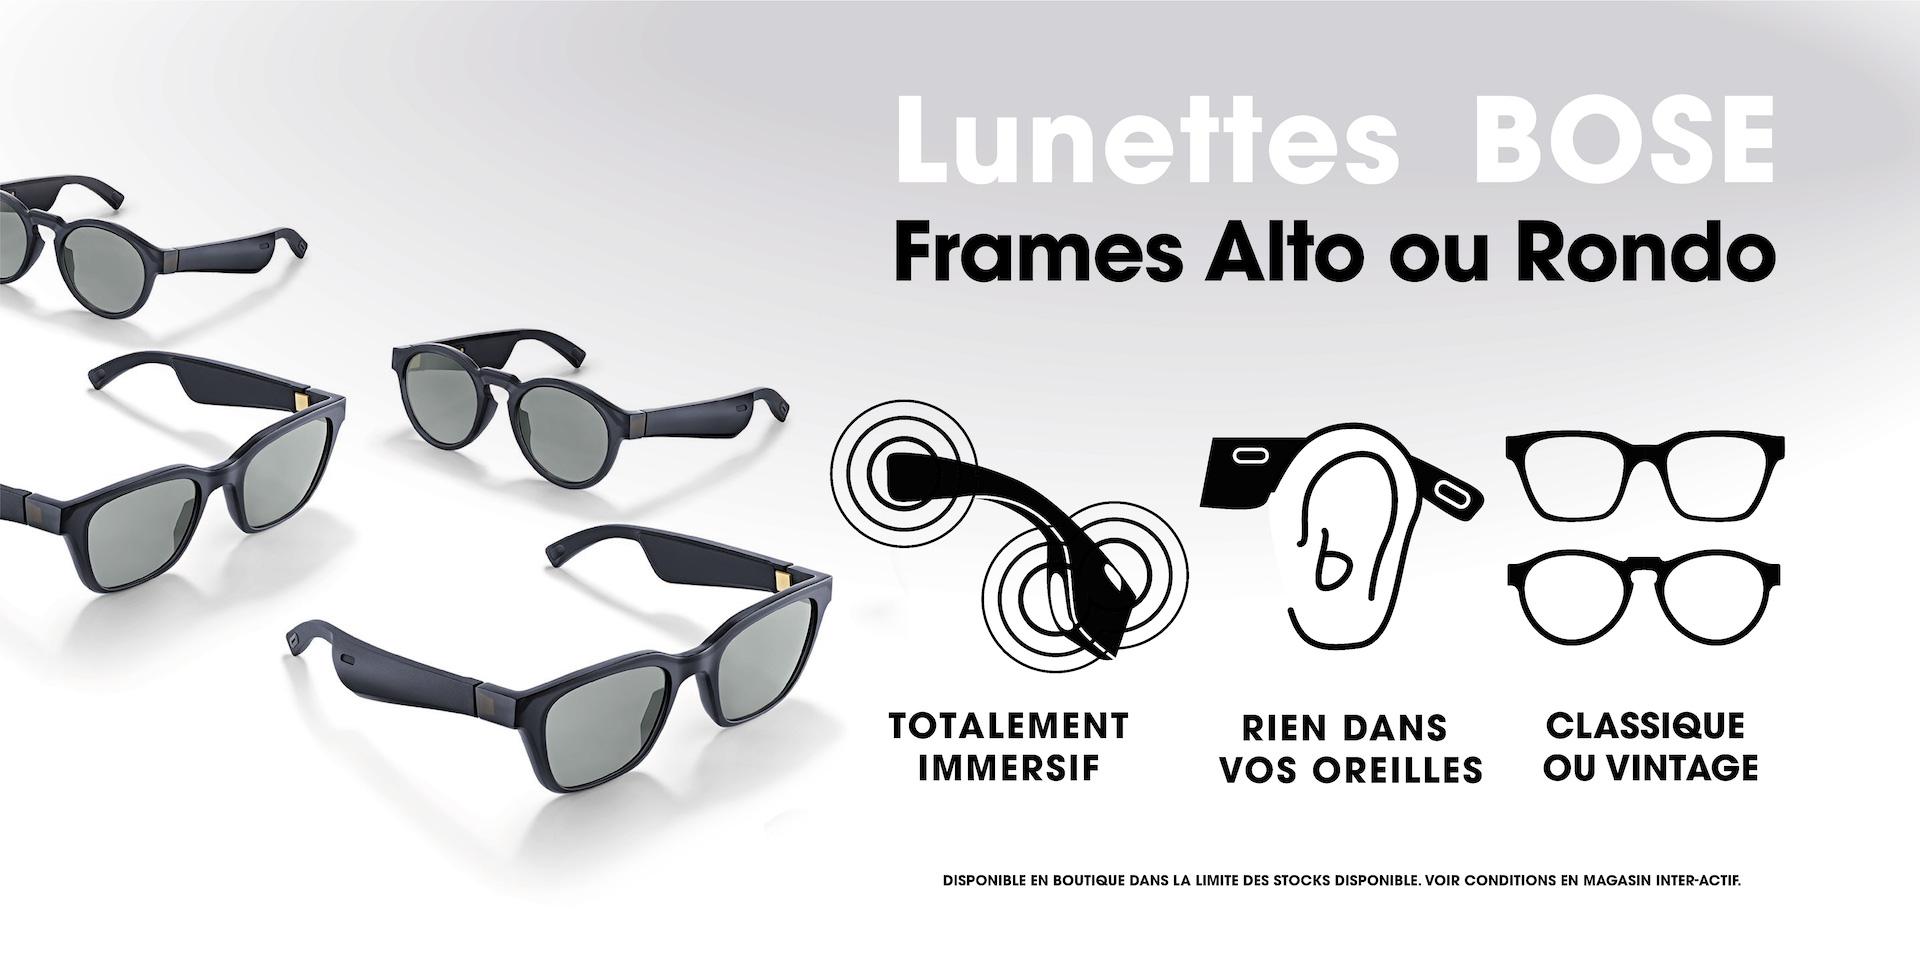 lunettes Bose Frames